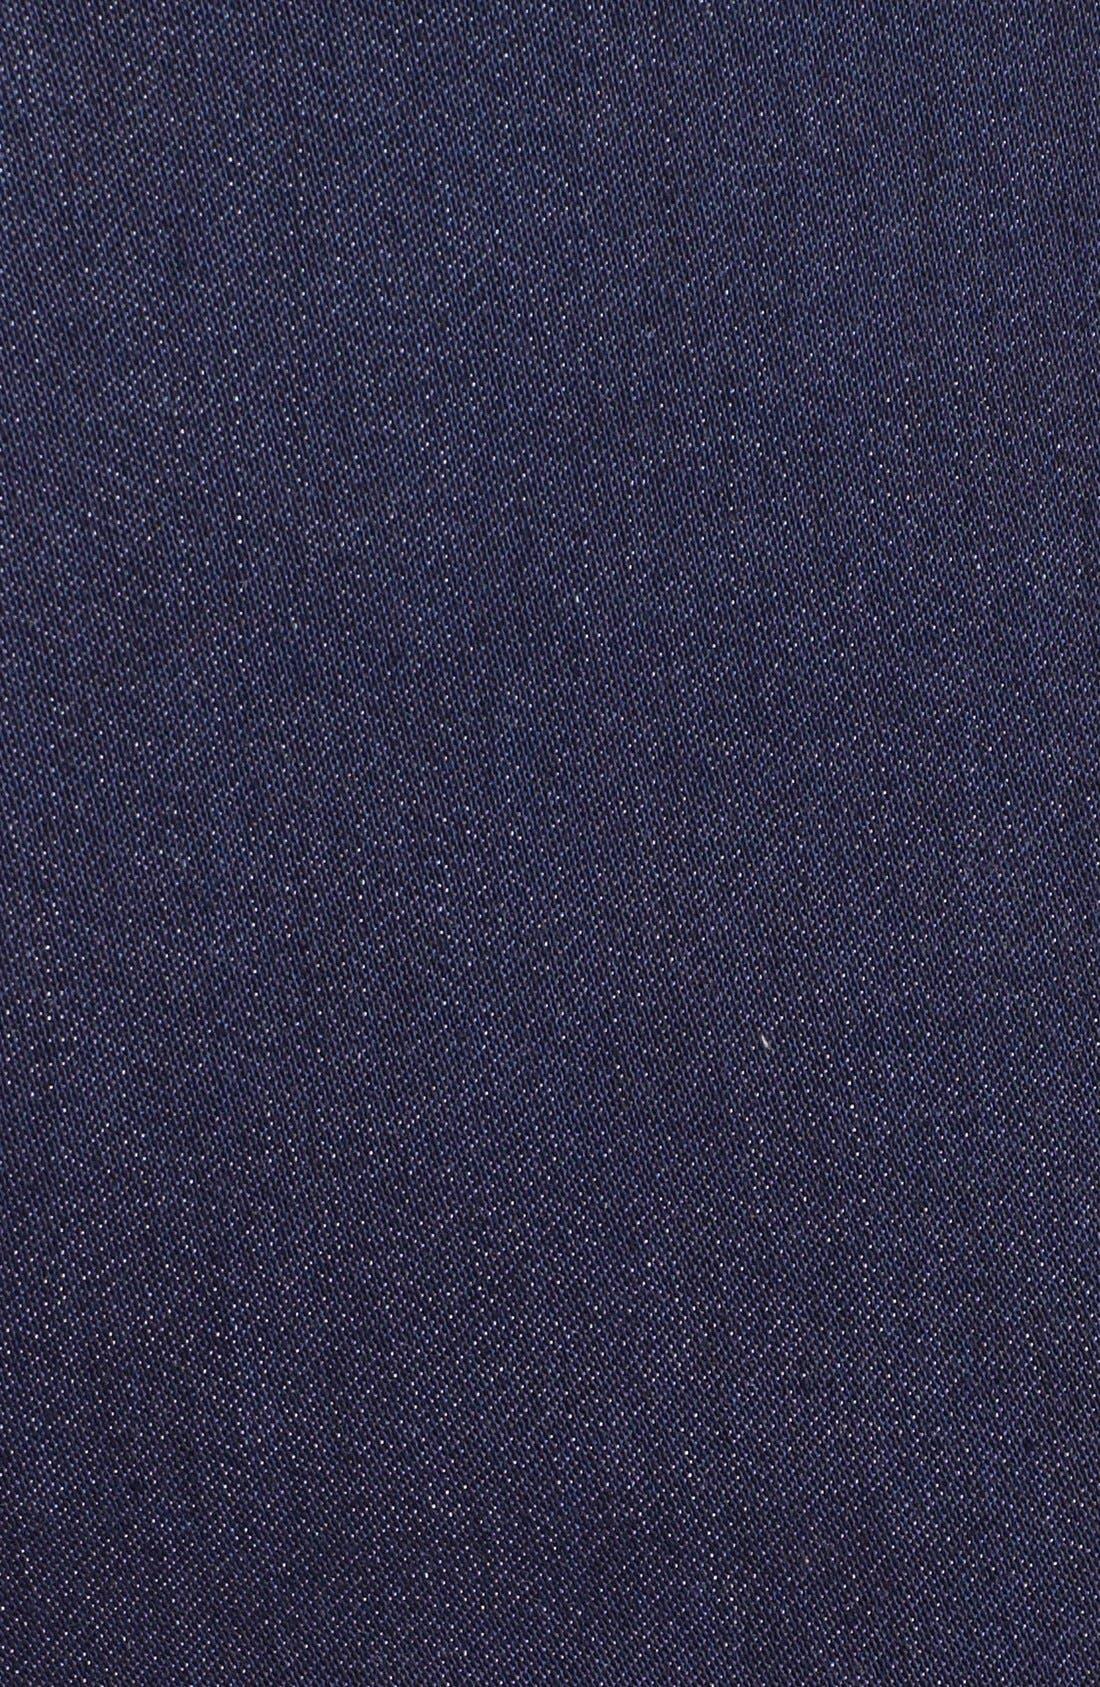 Alternate Image 5  - St. John Yellow Label Denim Leggings